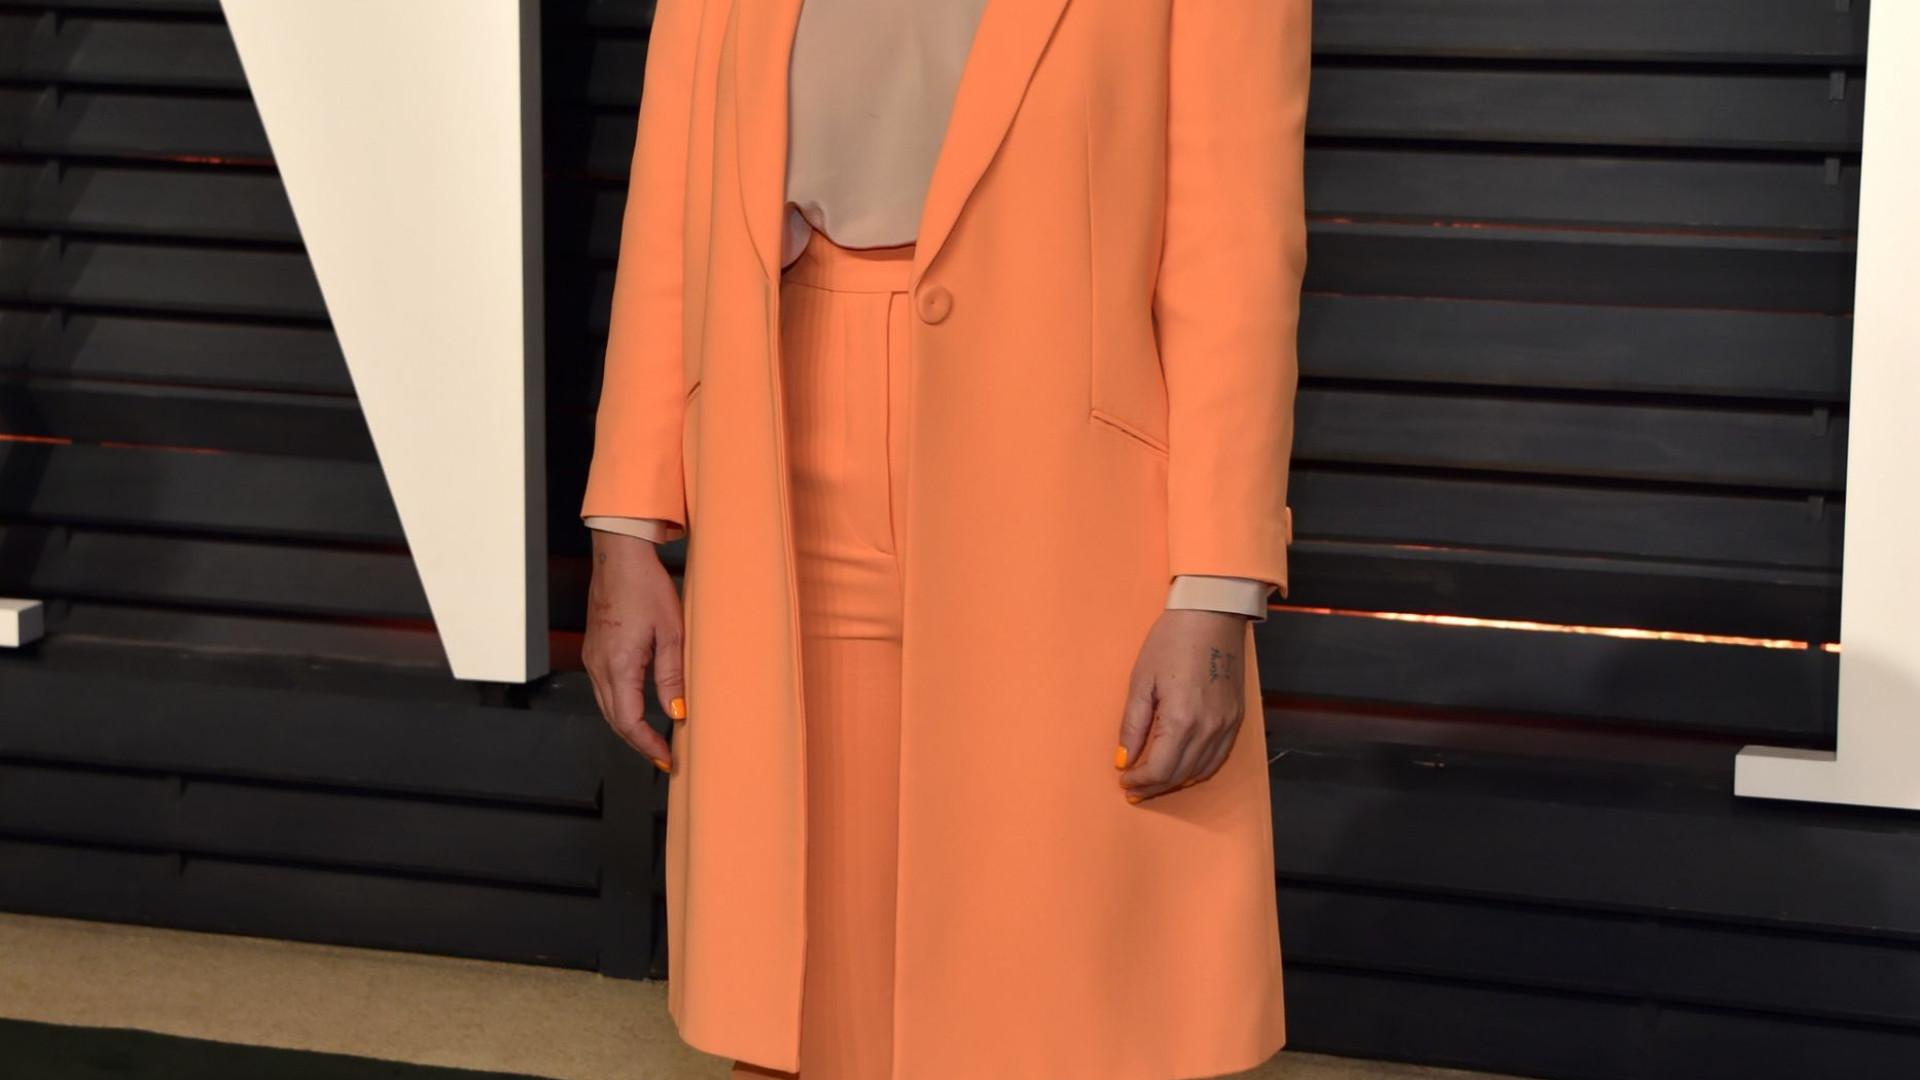 Sem famosa peruca, Sia surge em evento com rosto à vista